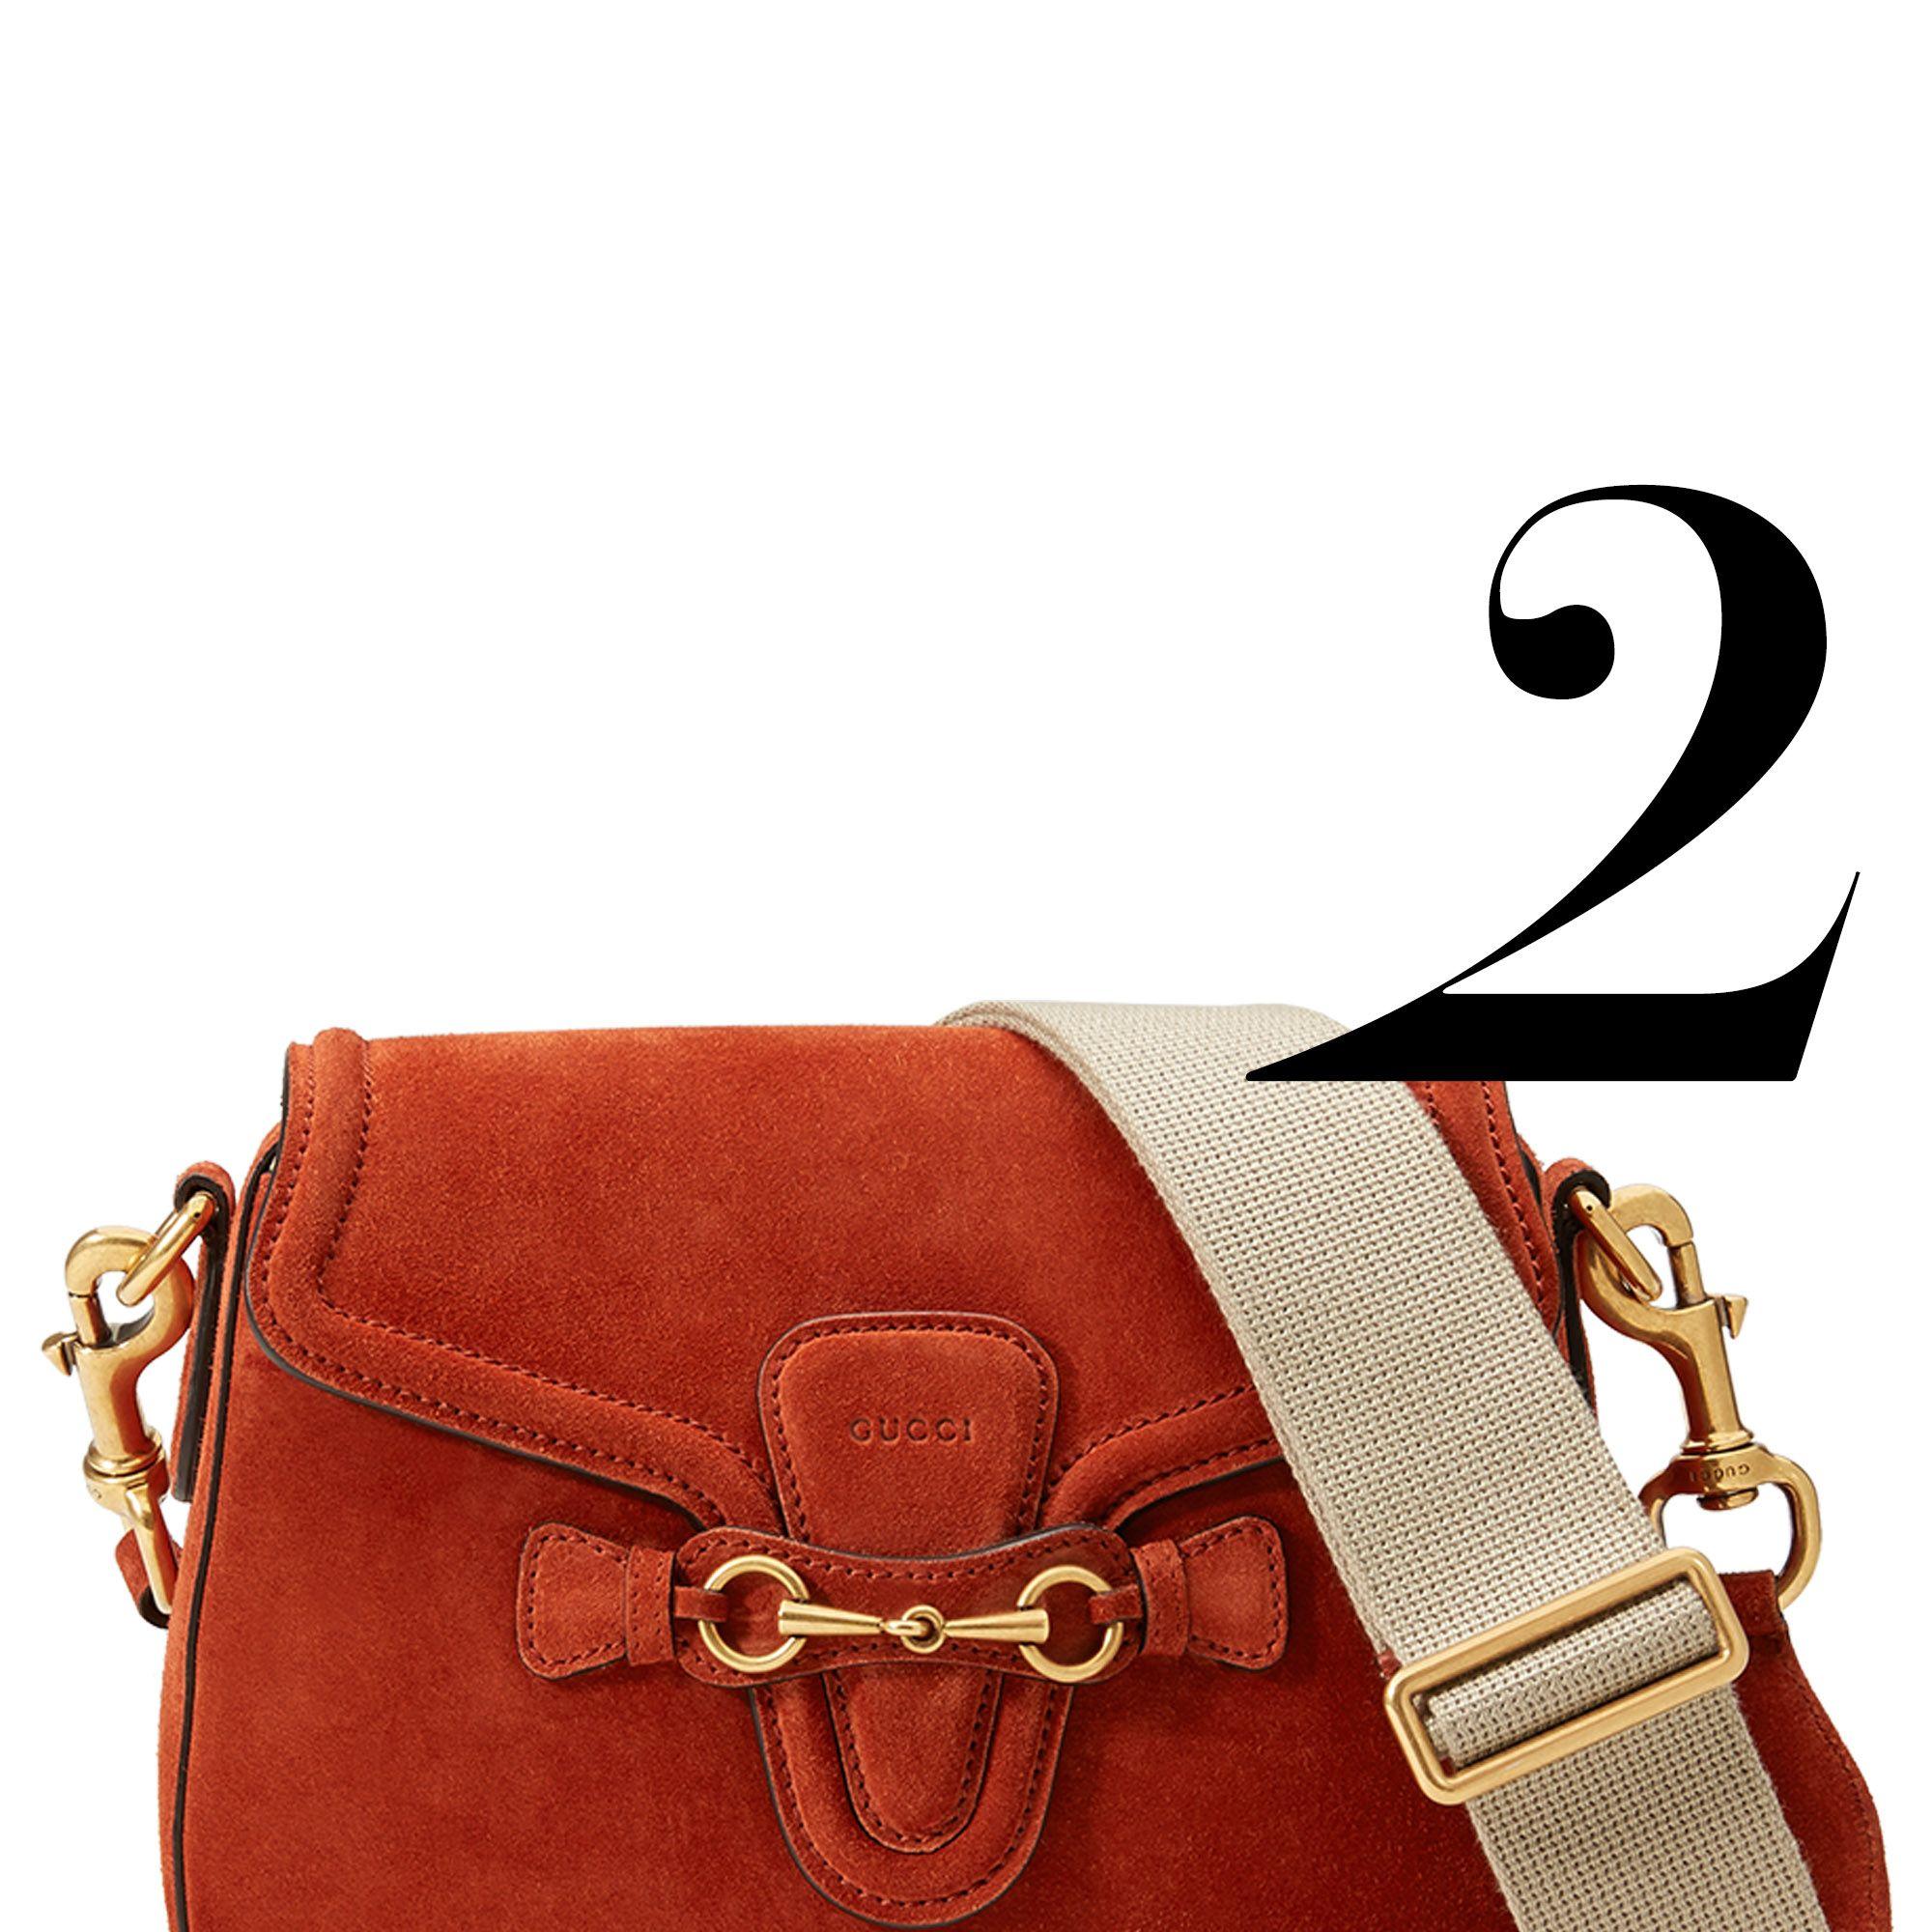 """<em>Gucci bag, $2,100, <a href=""""http://www.gucci.com/us/styles/380573CEMHT7275#"""">gucci.com</a></em>"""